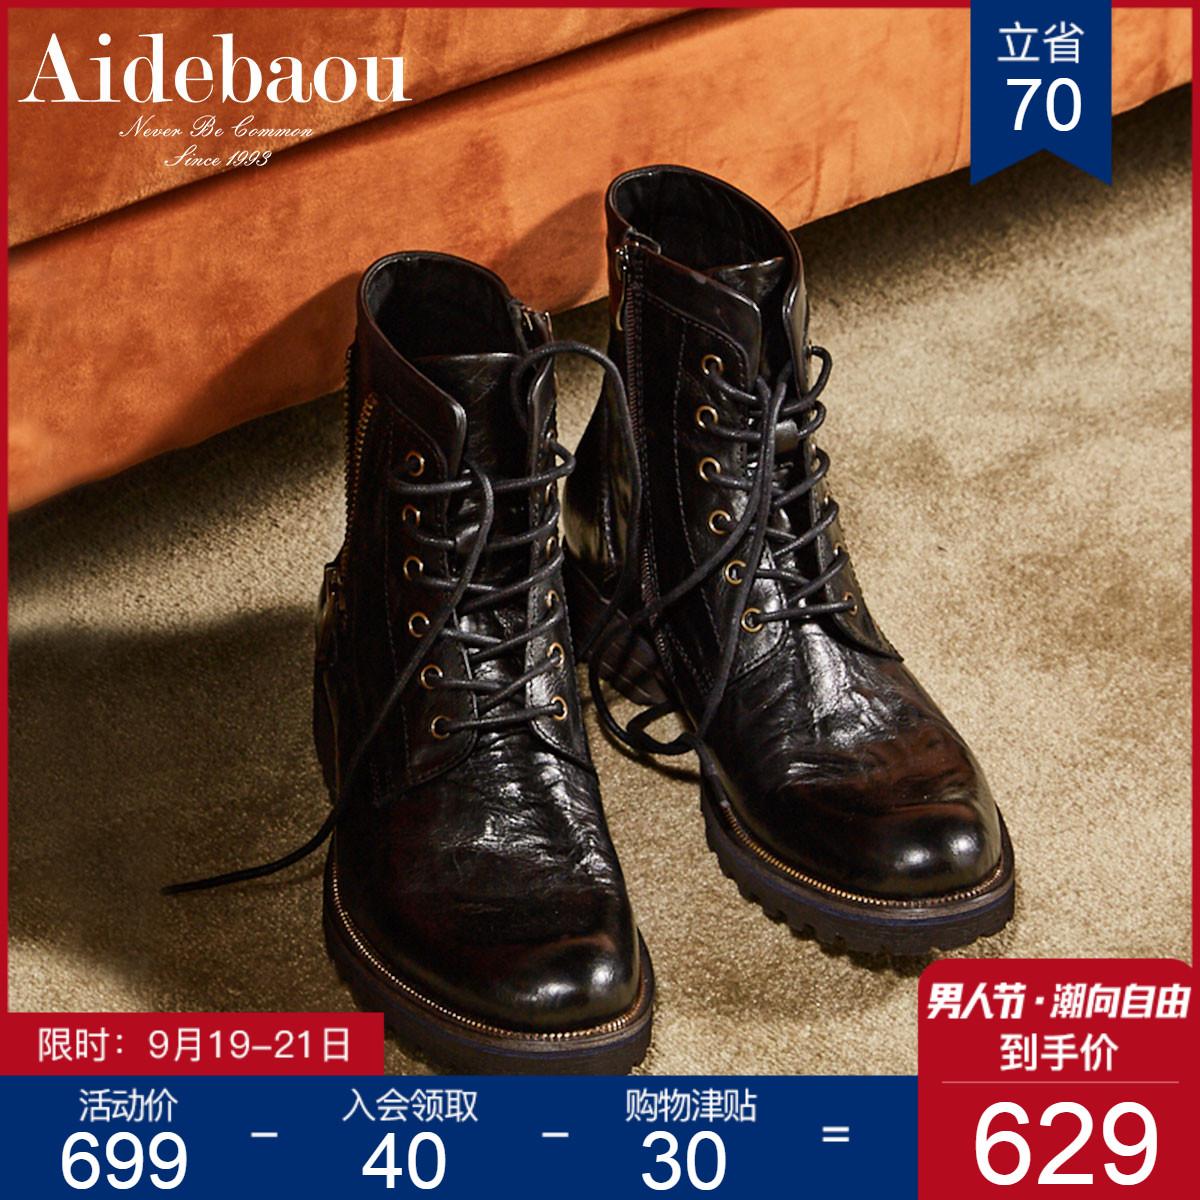 爱得堡皮靴英伦男靴拉链休闲潮男靴子高帮工装靴机车中筒军靴男靴